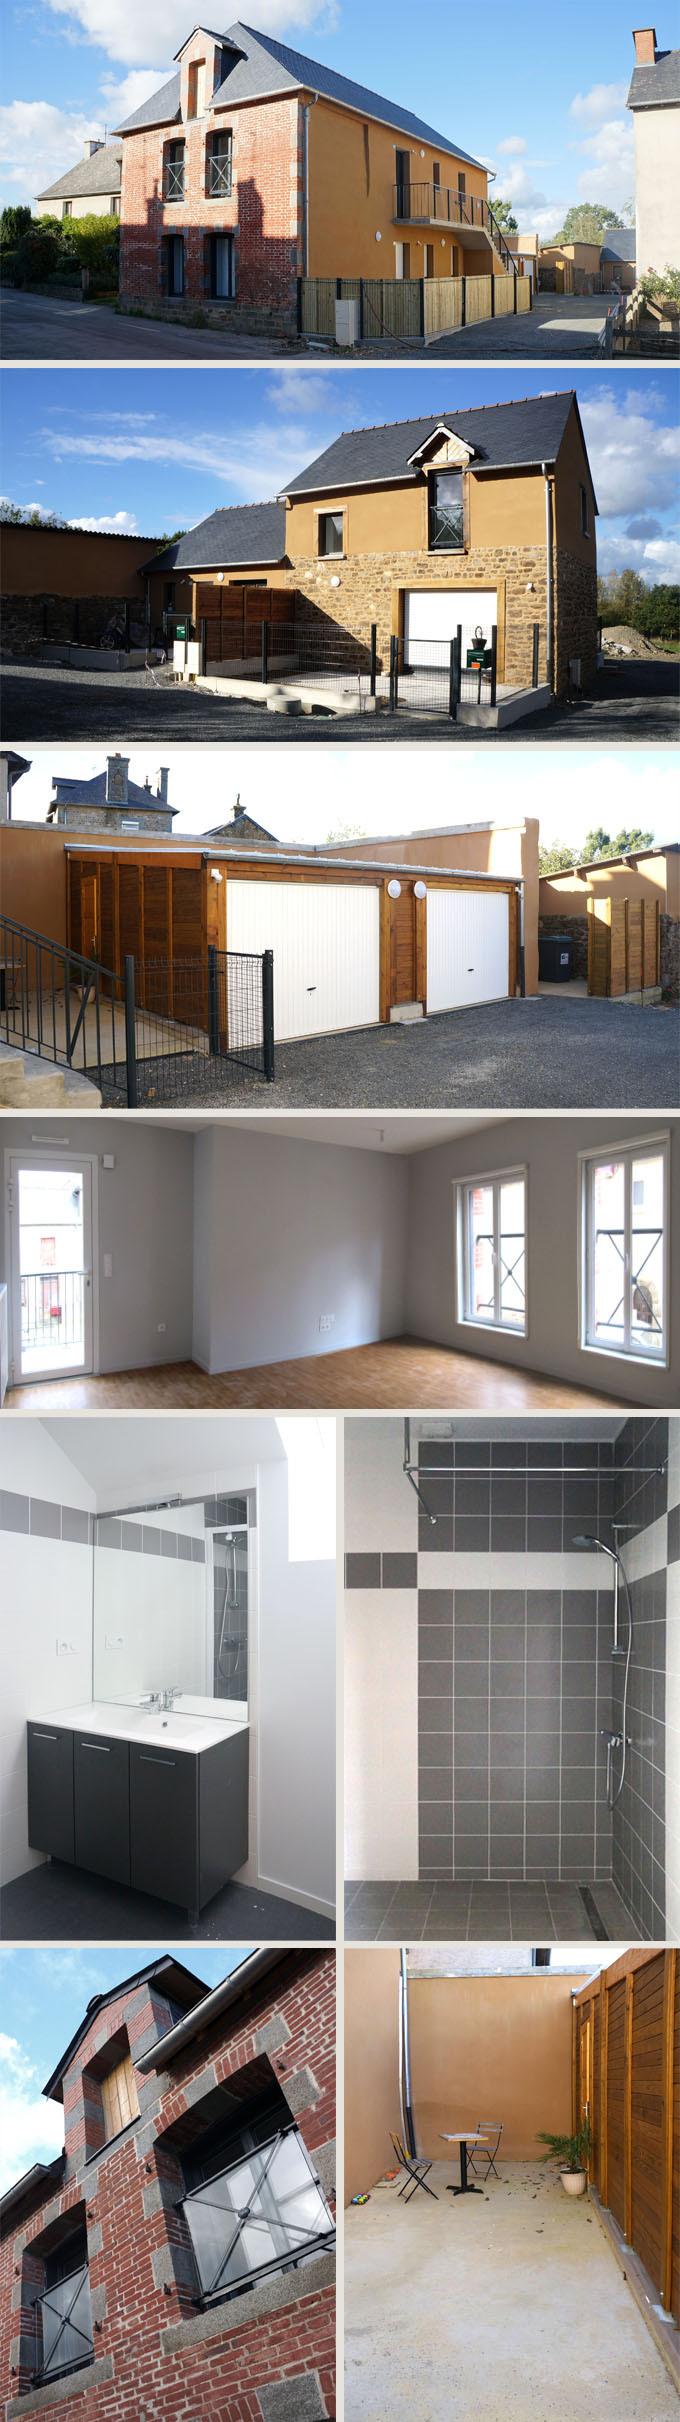 3 logements BBC en rénovation + 1 neuf et intervention urbaine à Guipel (35)